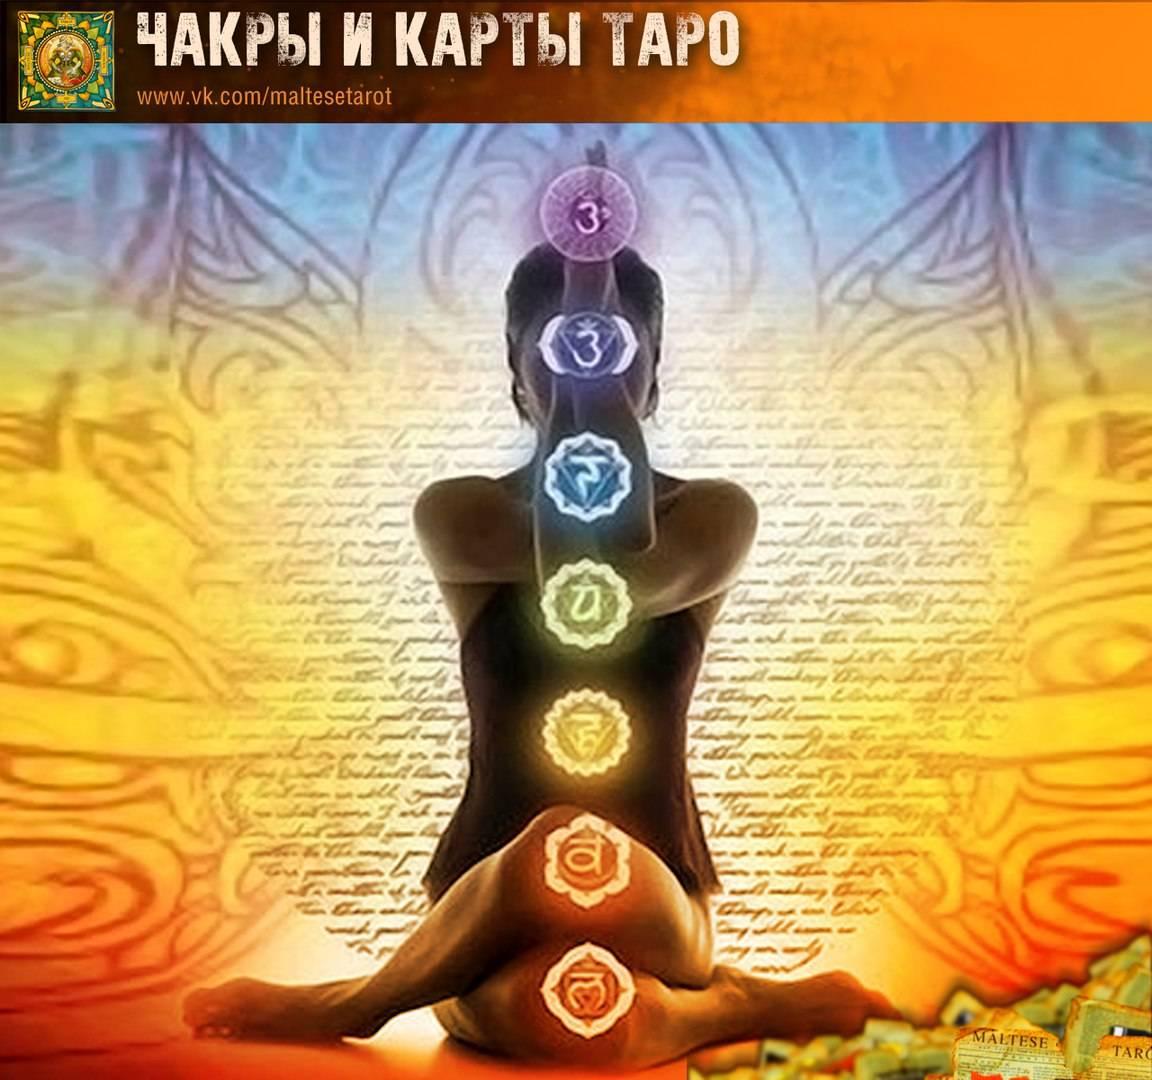 Анахата-чакра практики по гармонизации энергии - свами даши